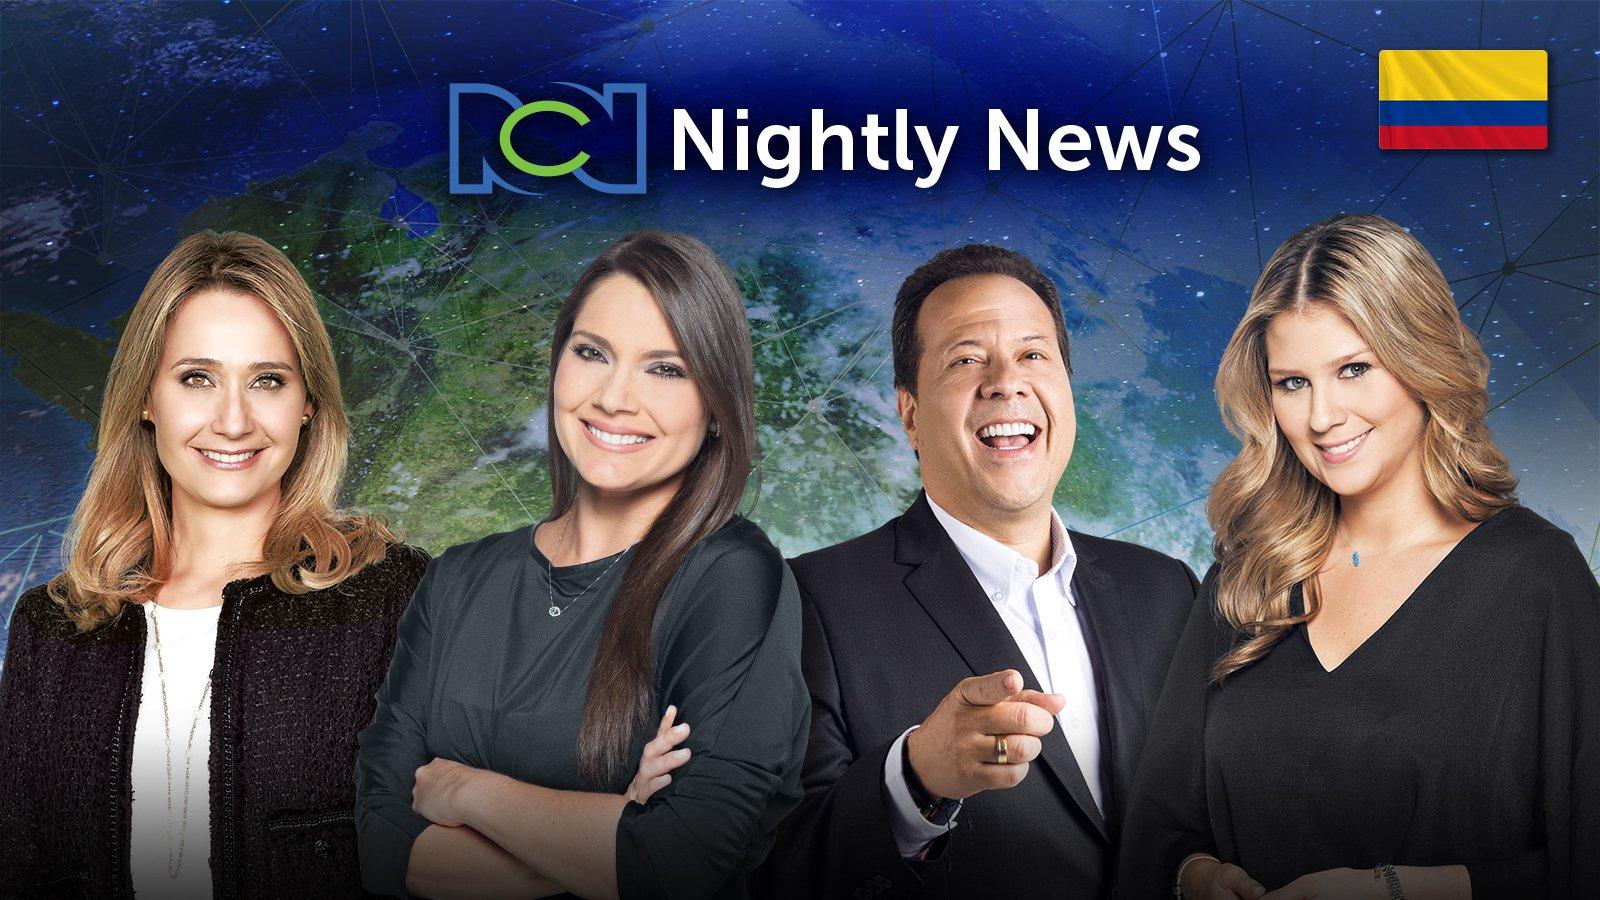 RCN Nightly News poster